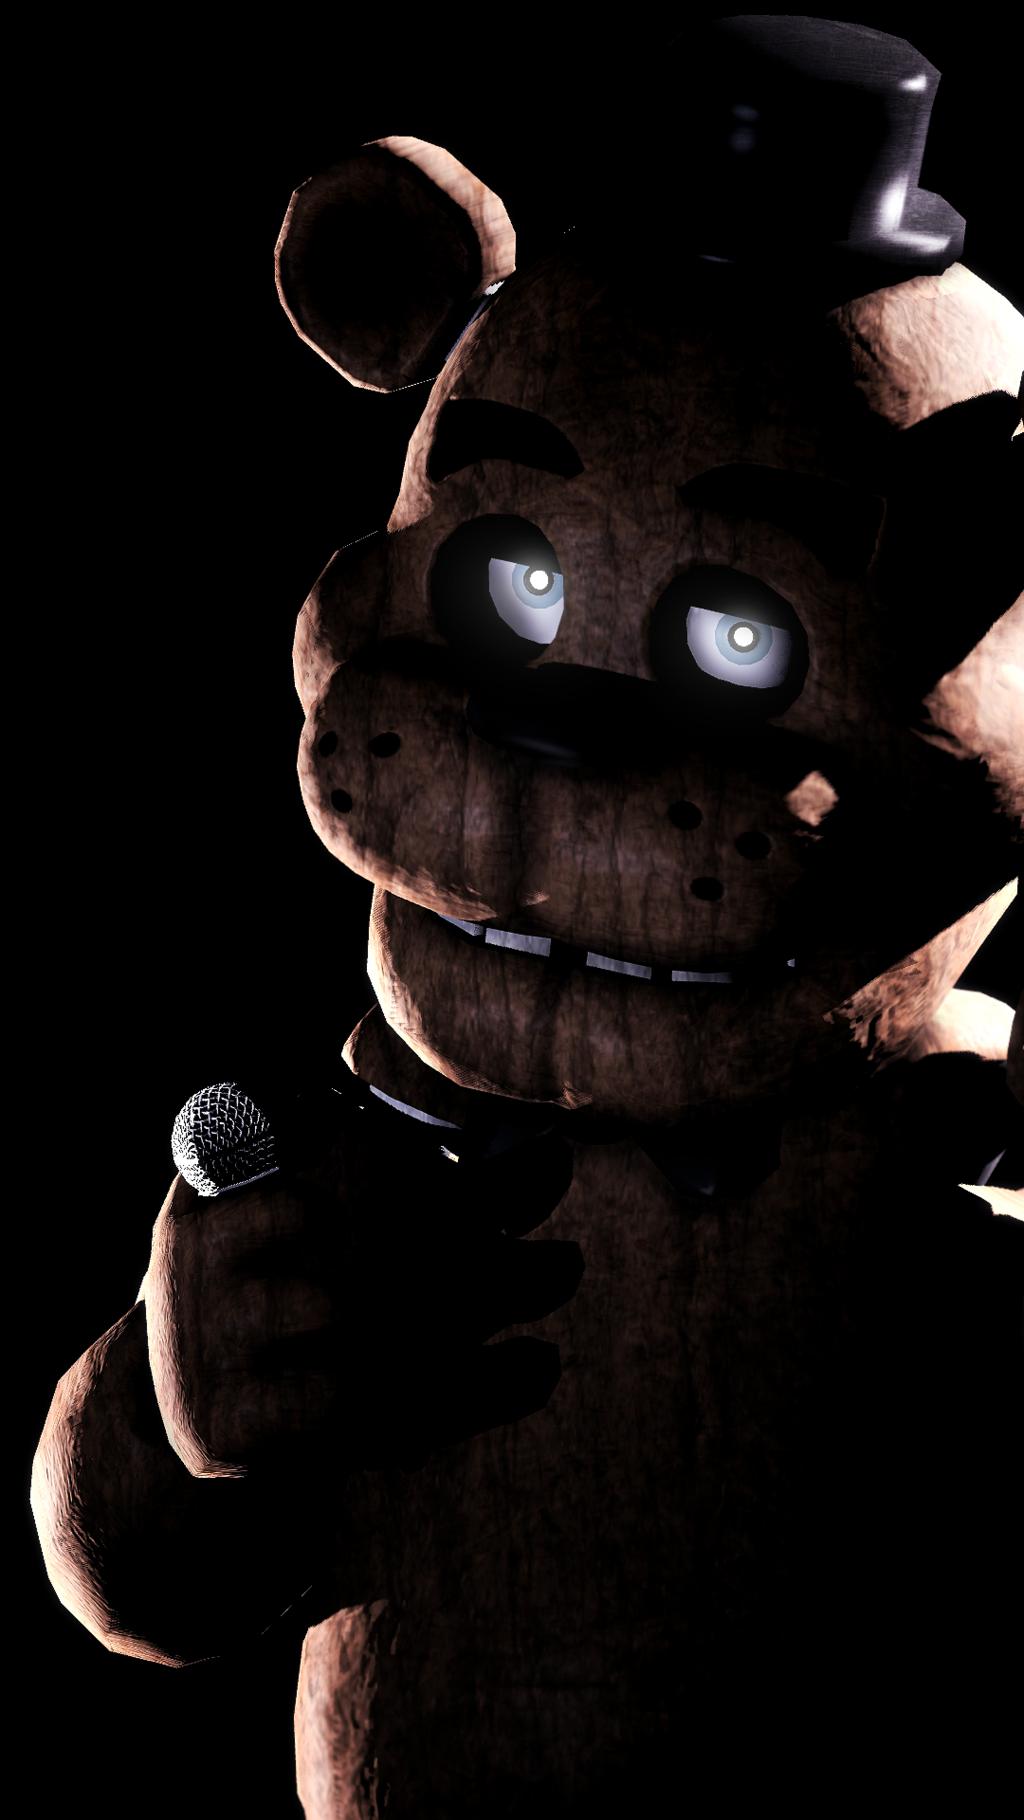 Five Nights At Freddy S 4 Five Nights At Freddy S 3 Fnaf Freddy